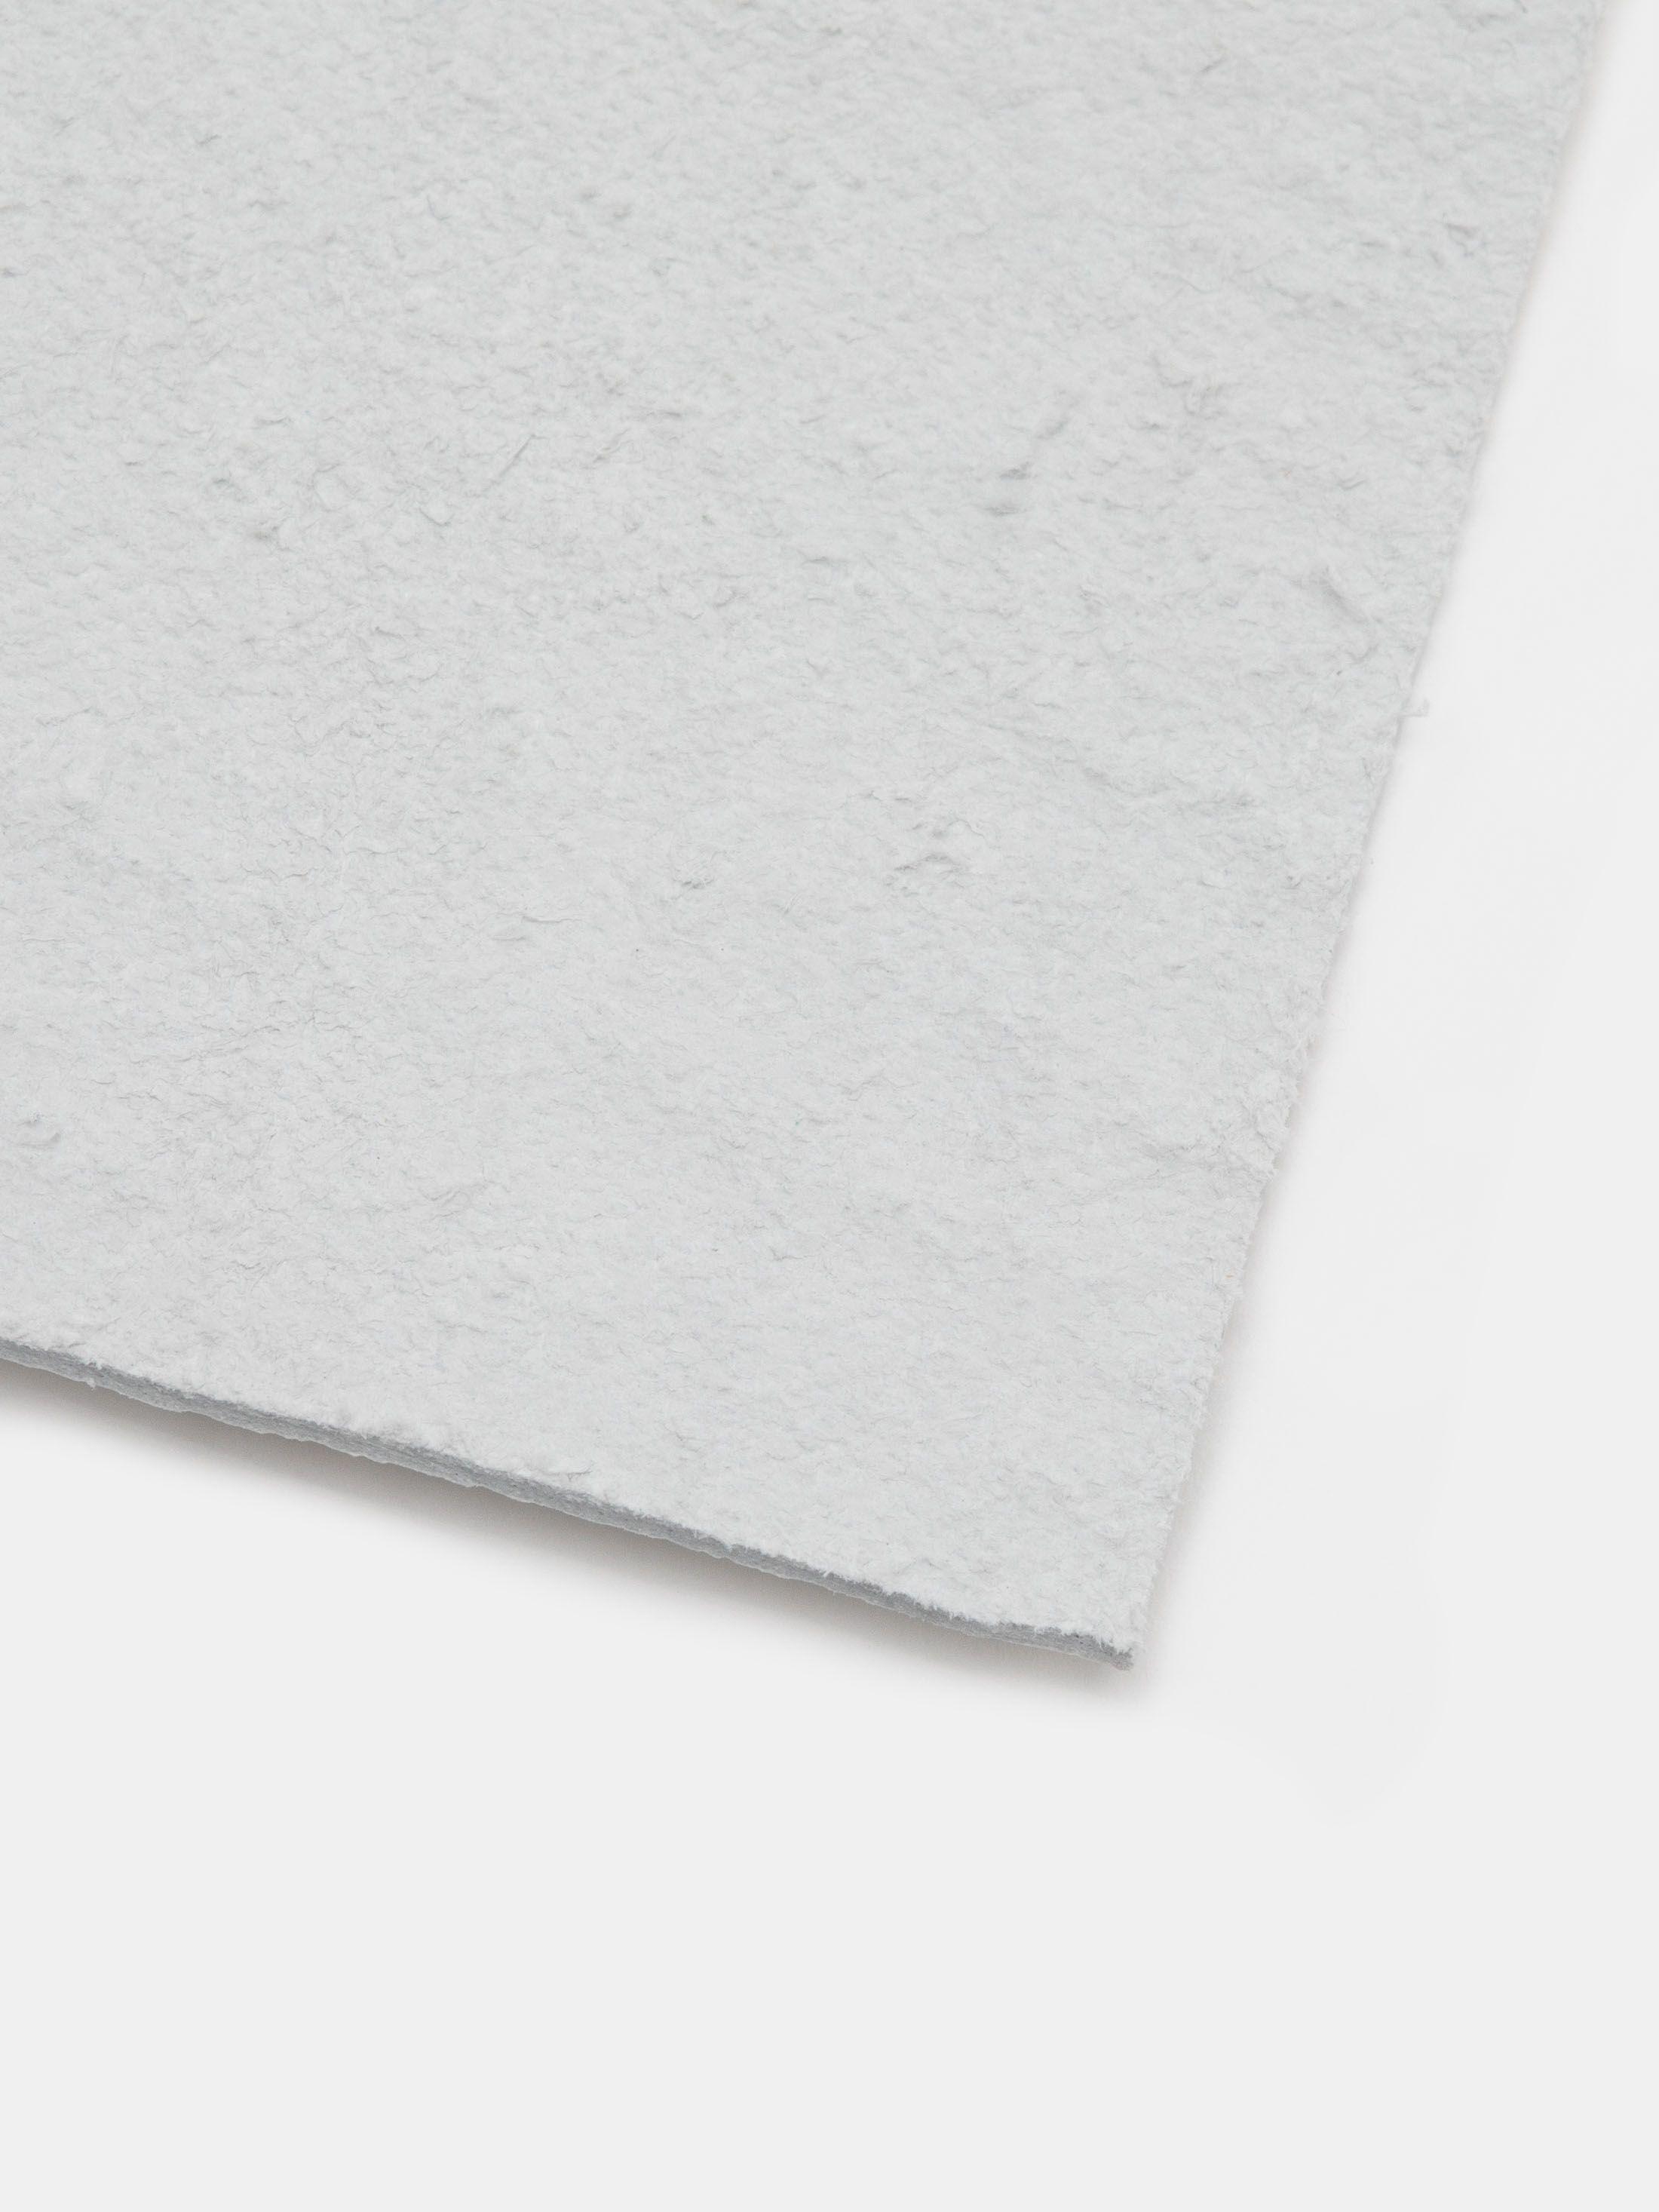 Custom Leather Tags